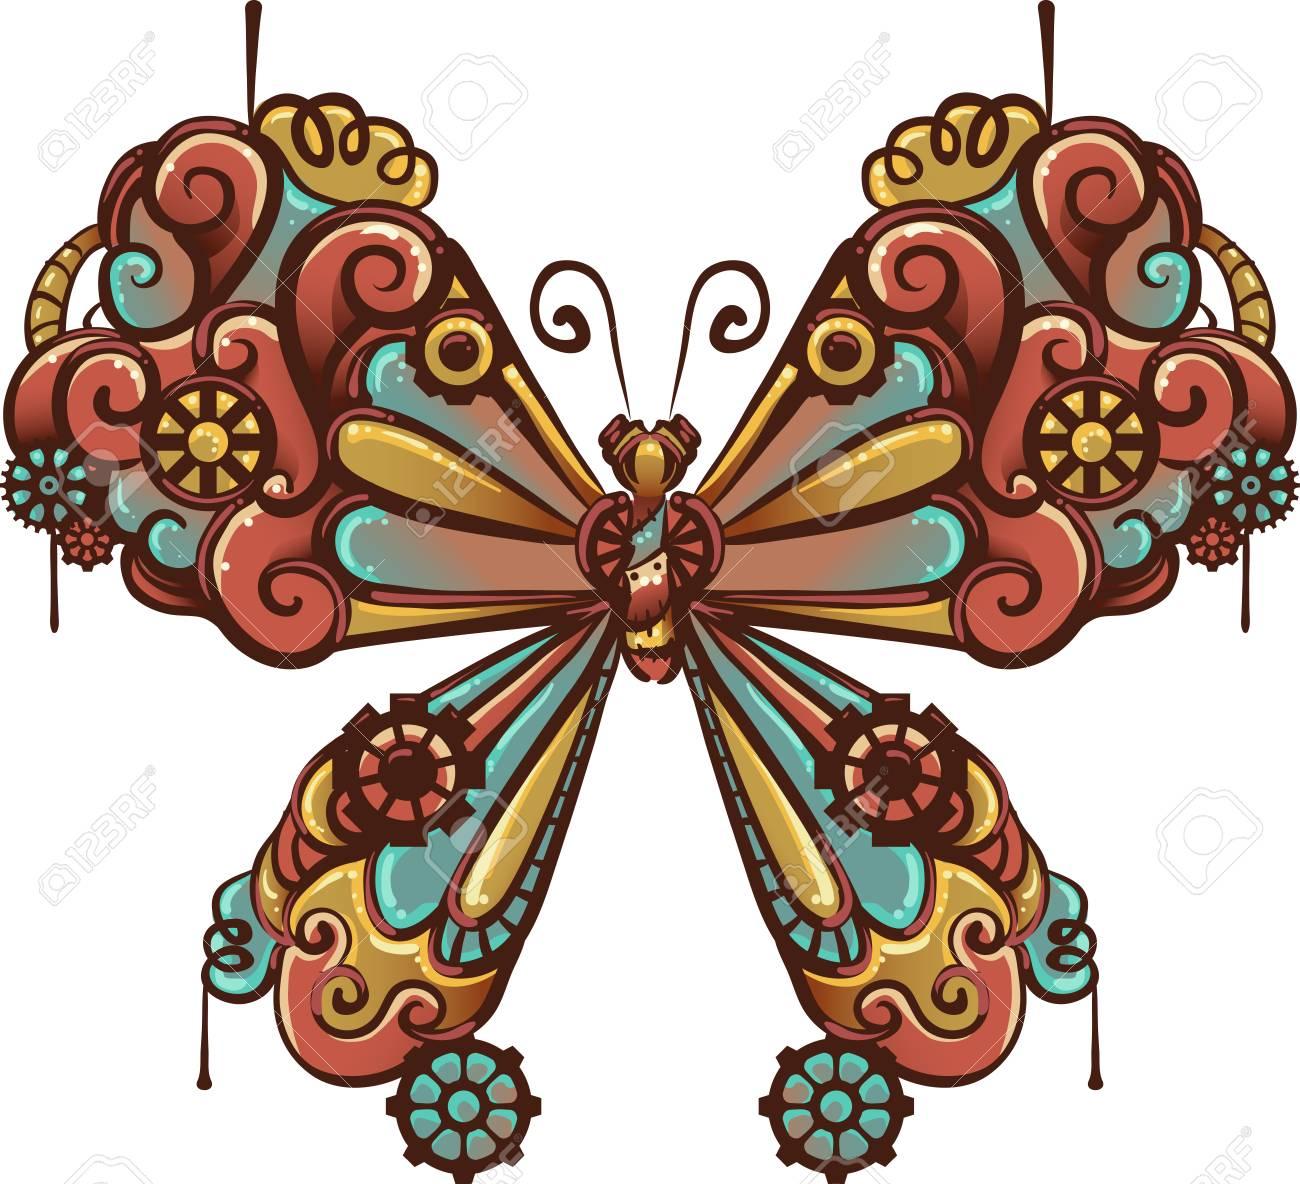 歯車と歯車で作られた蝶のスチーム パンクなイラスト の写真素材画像